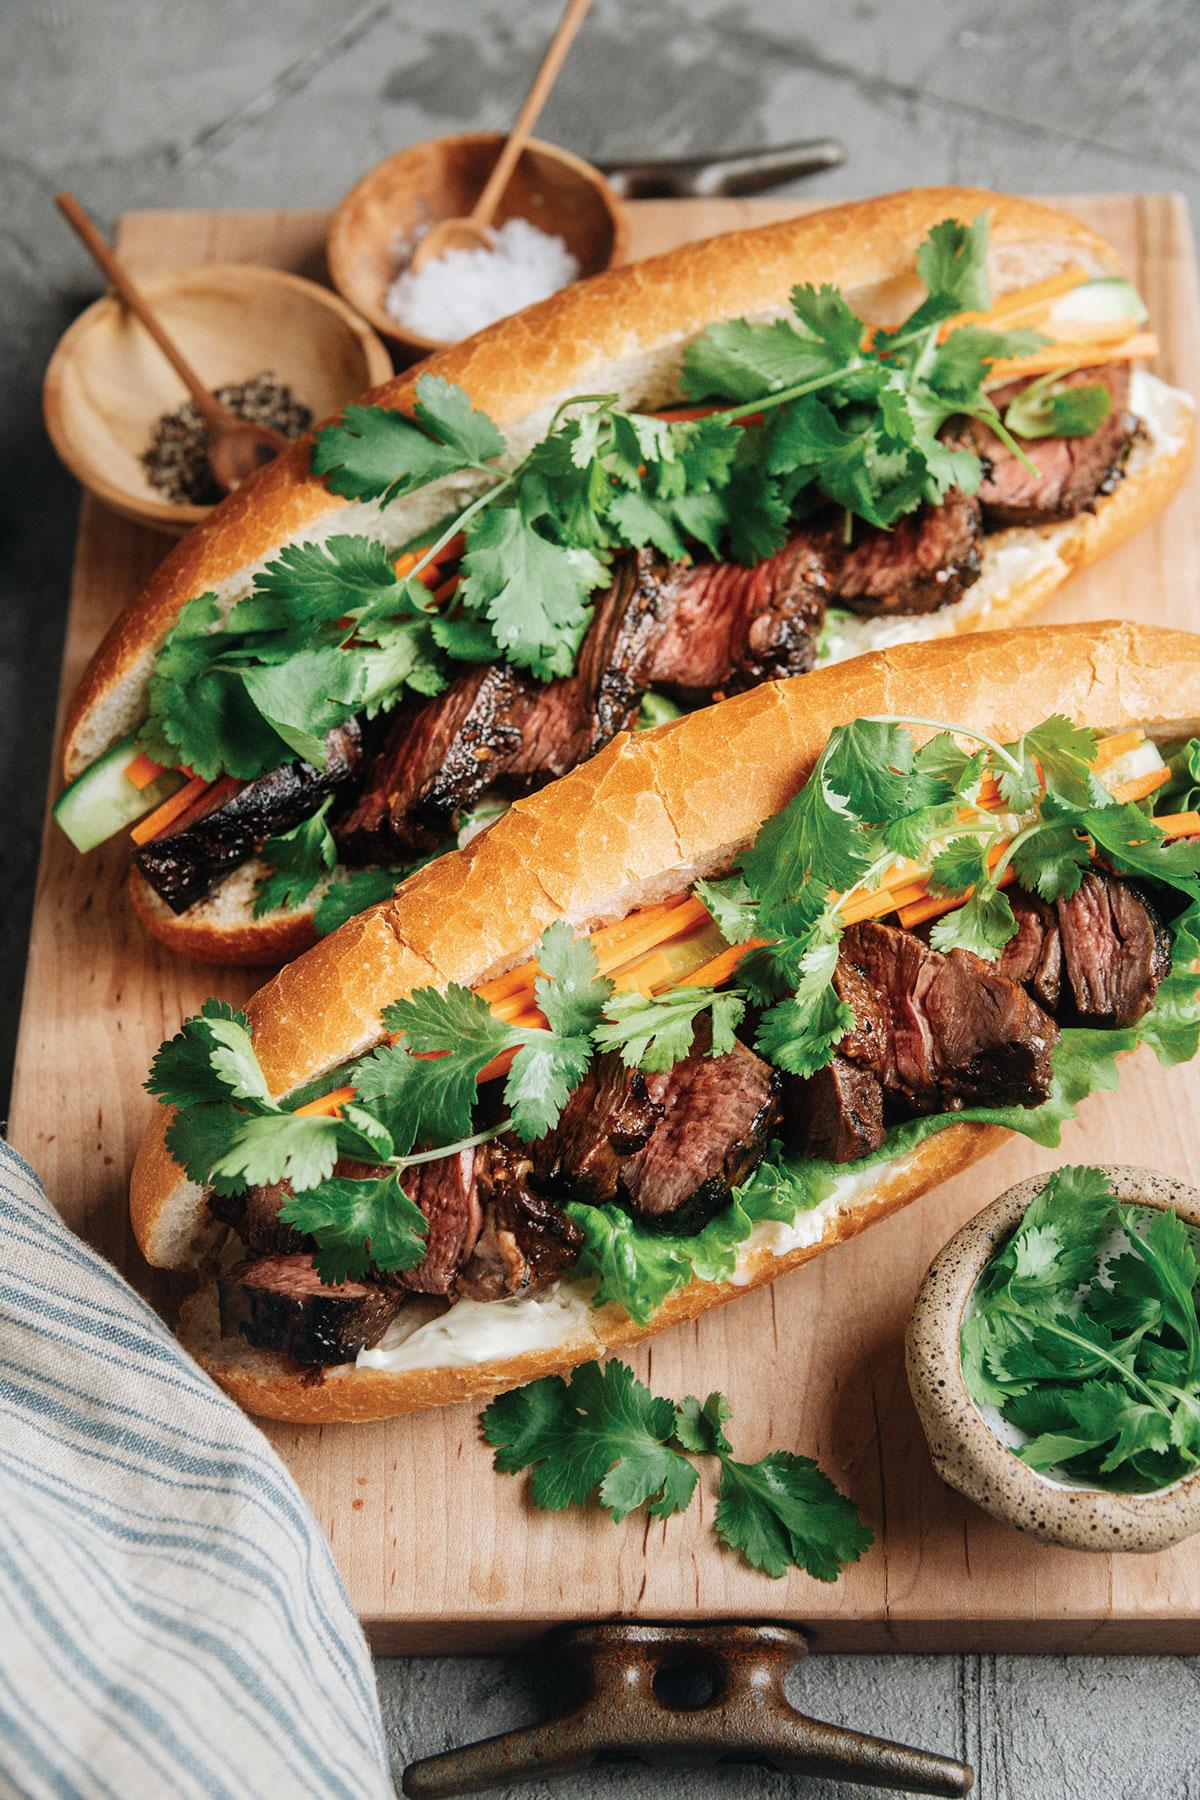 Savor a Bite of Steak